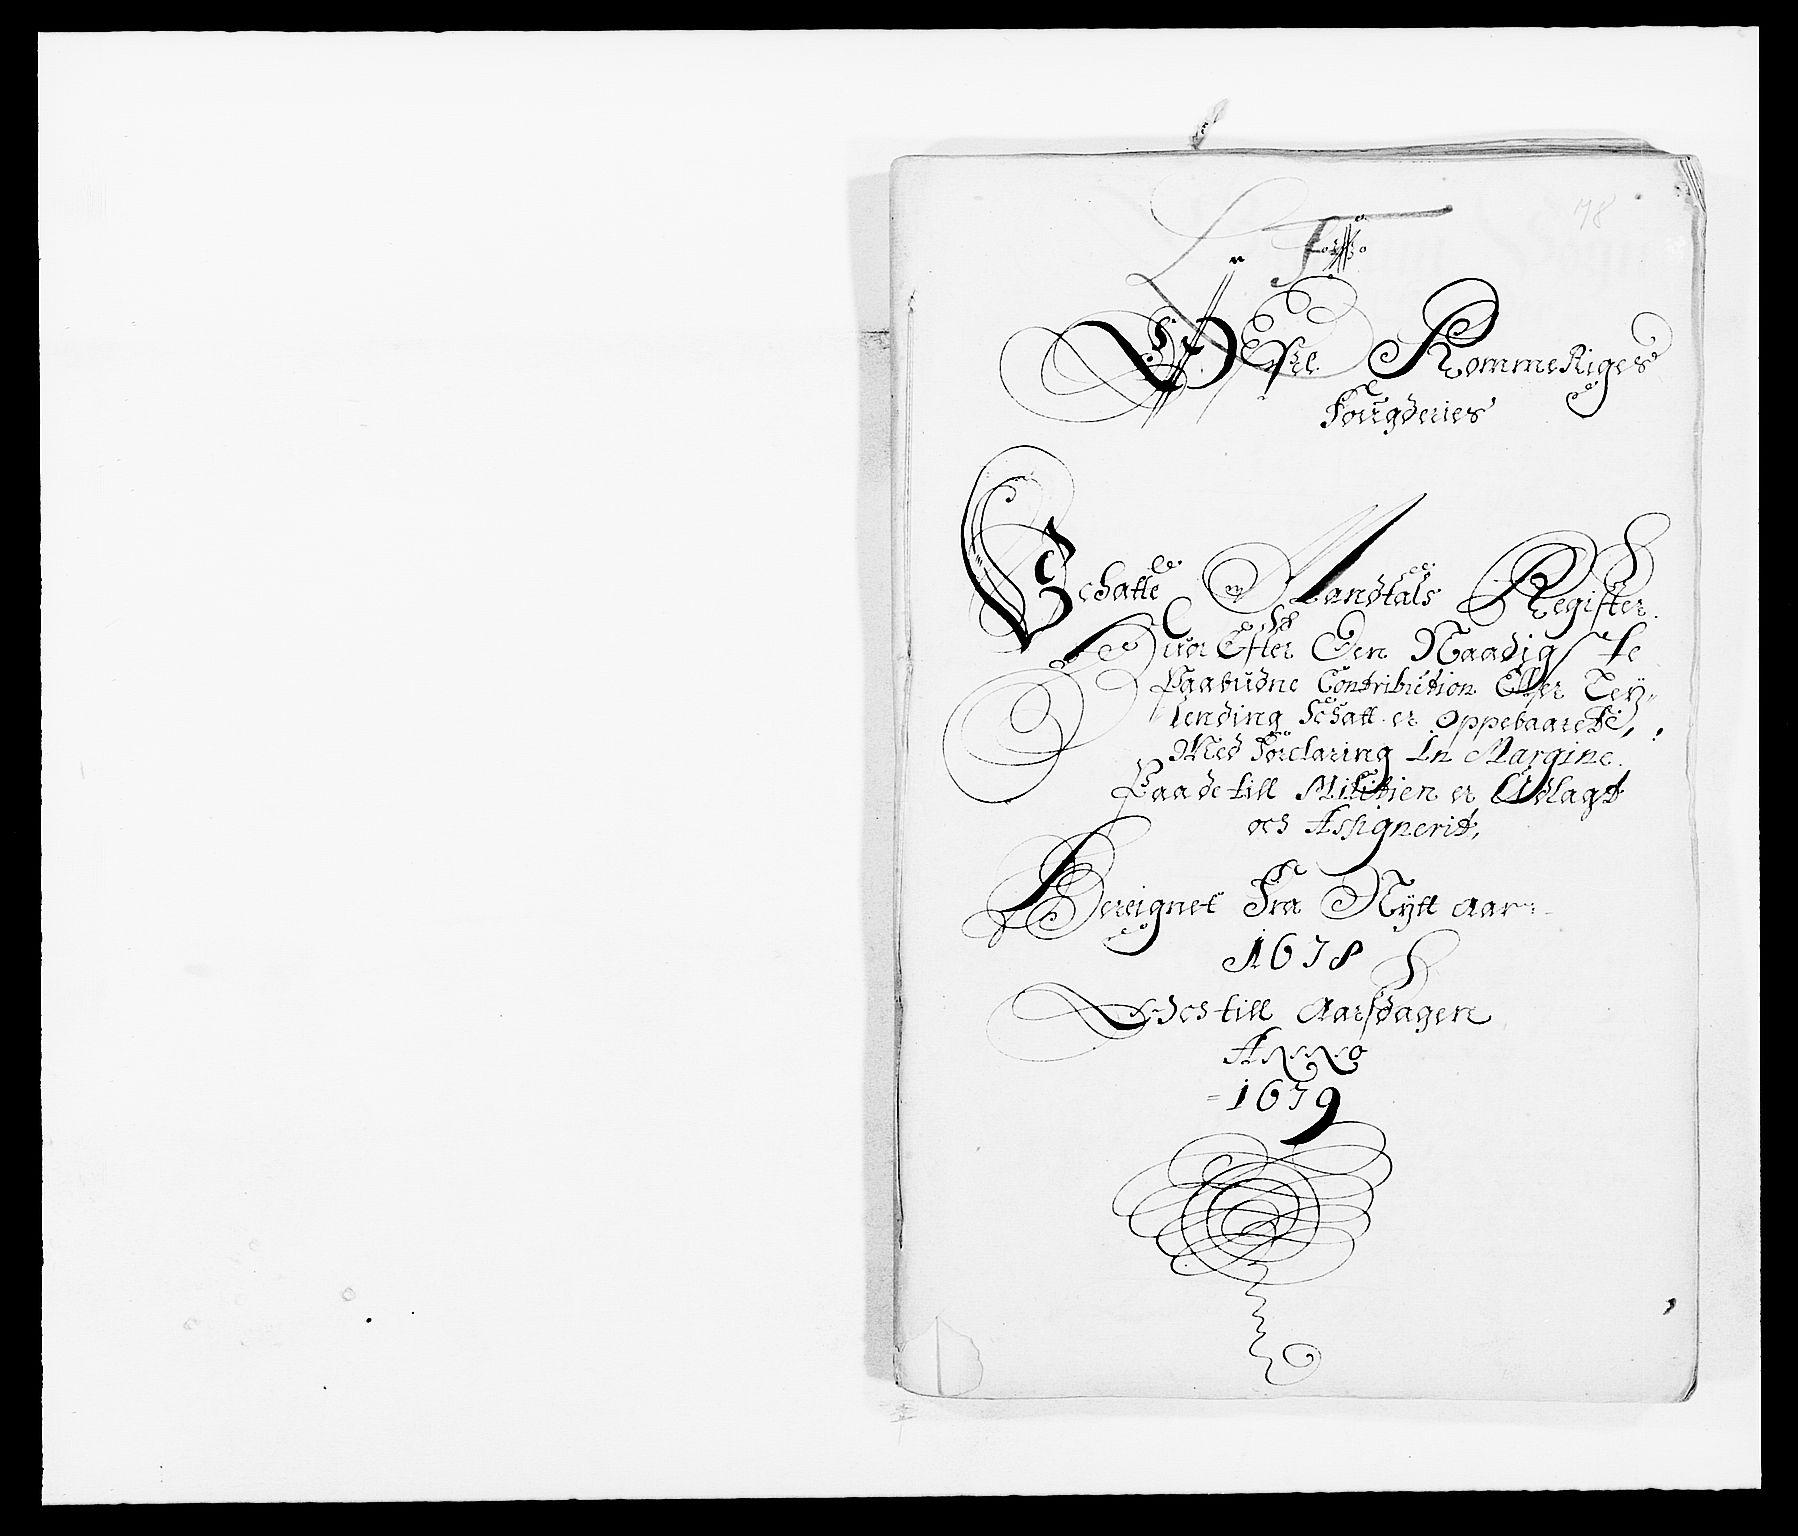 RA, Rentekammeret inntil 1814, Reviderte regnskaper, Fogderegnskap, R12/L0693: Fogderegnskap Øvre Romerike, 1678-1679, s. 151